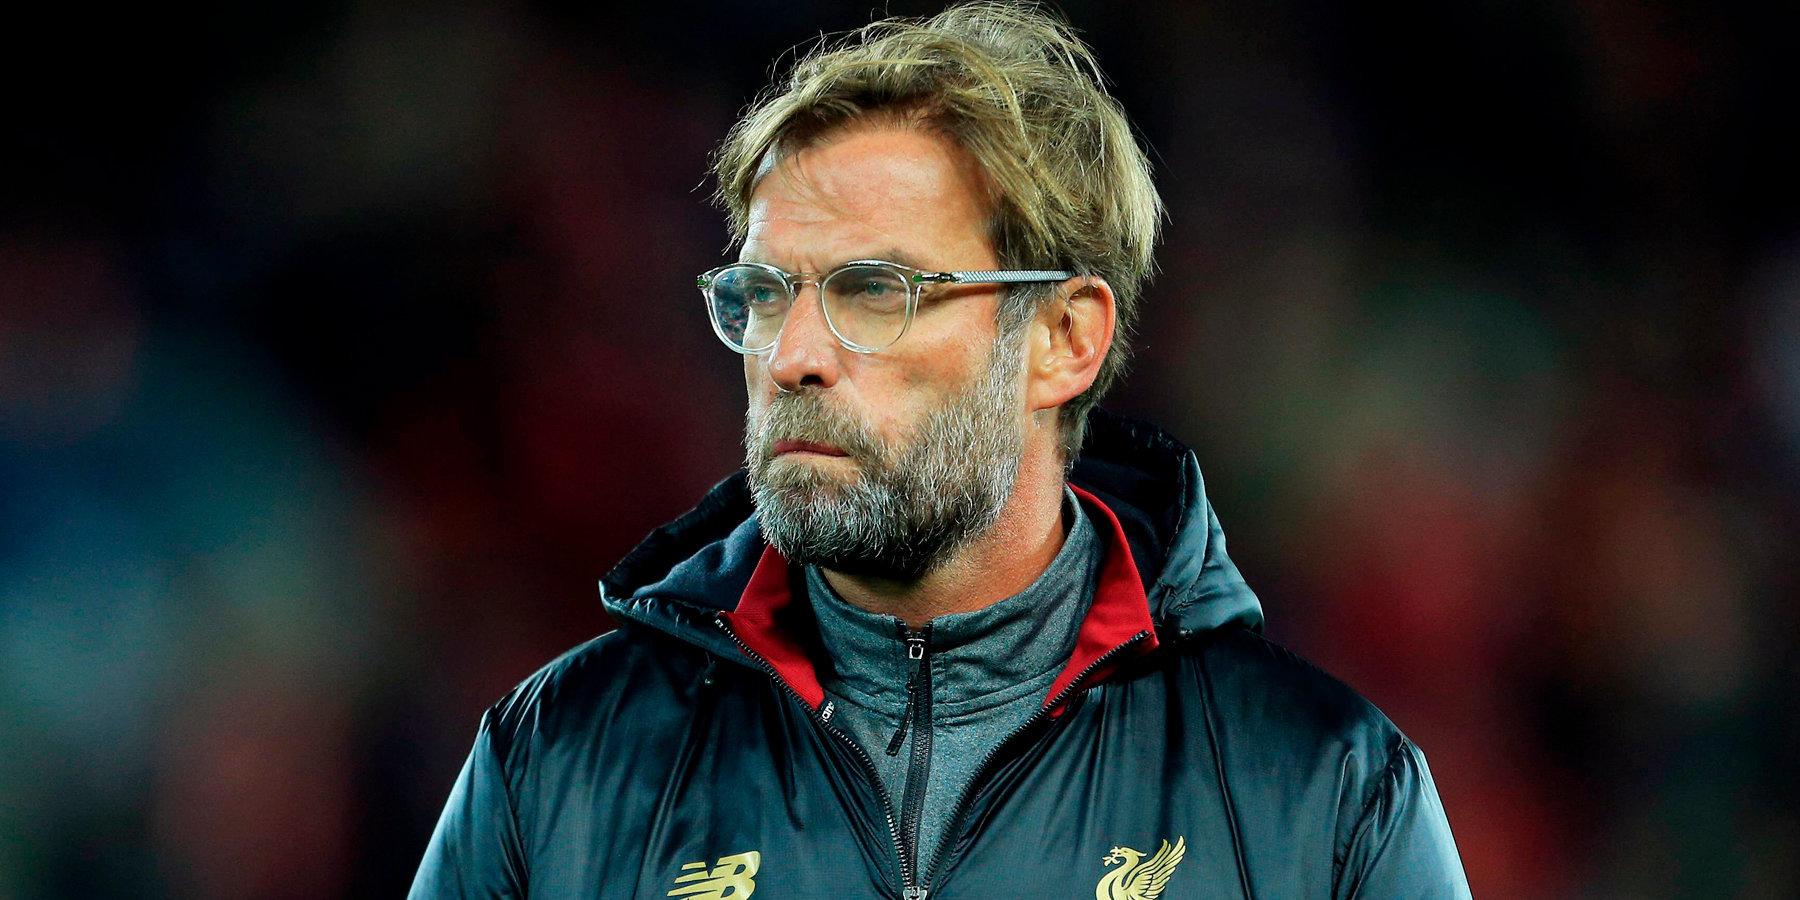 Изменены коэффициенты на чемпиона Англии из-за травм в «Ливерпуле»